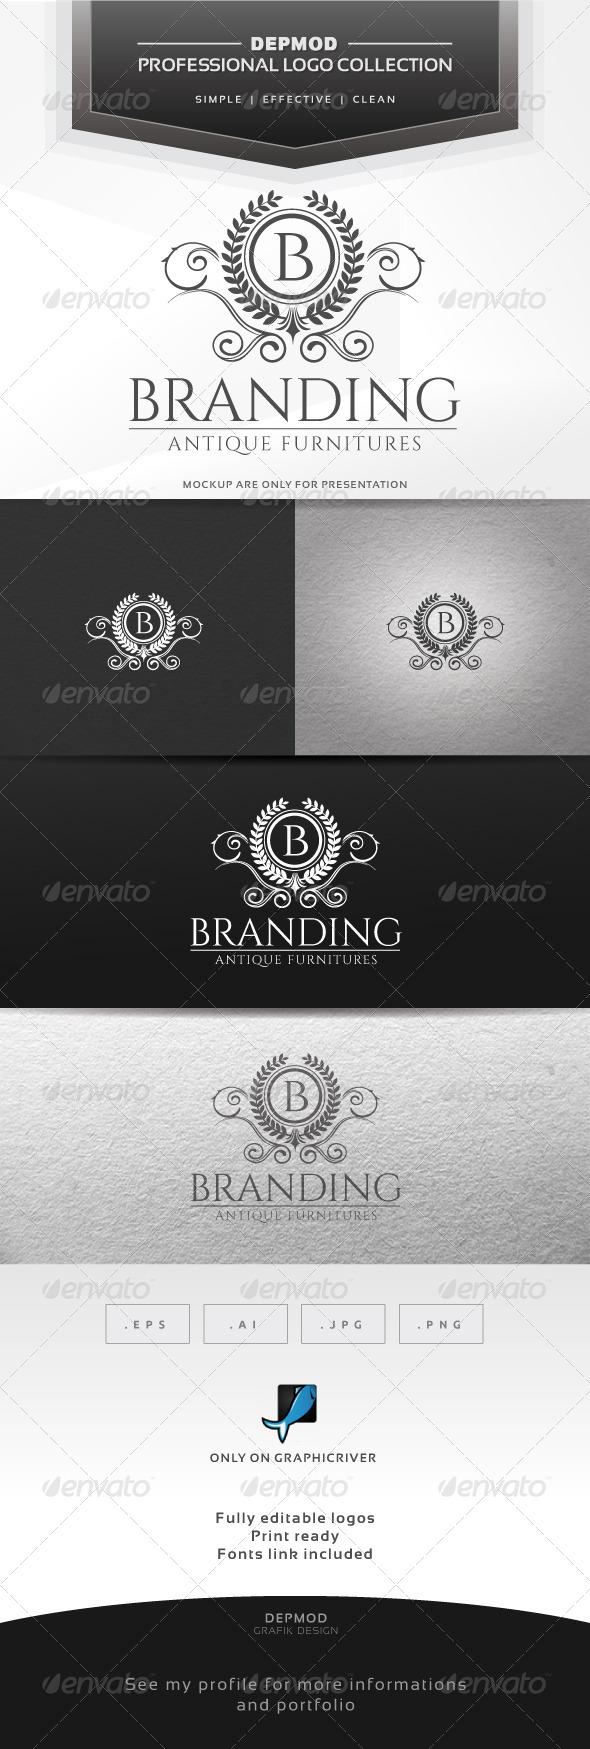 GraphicRiver Branding Logo 6643760